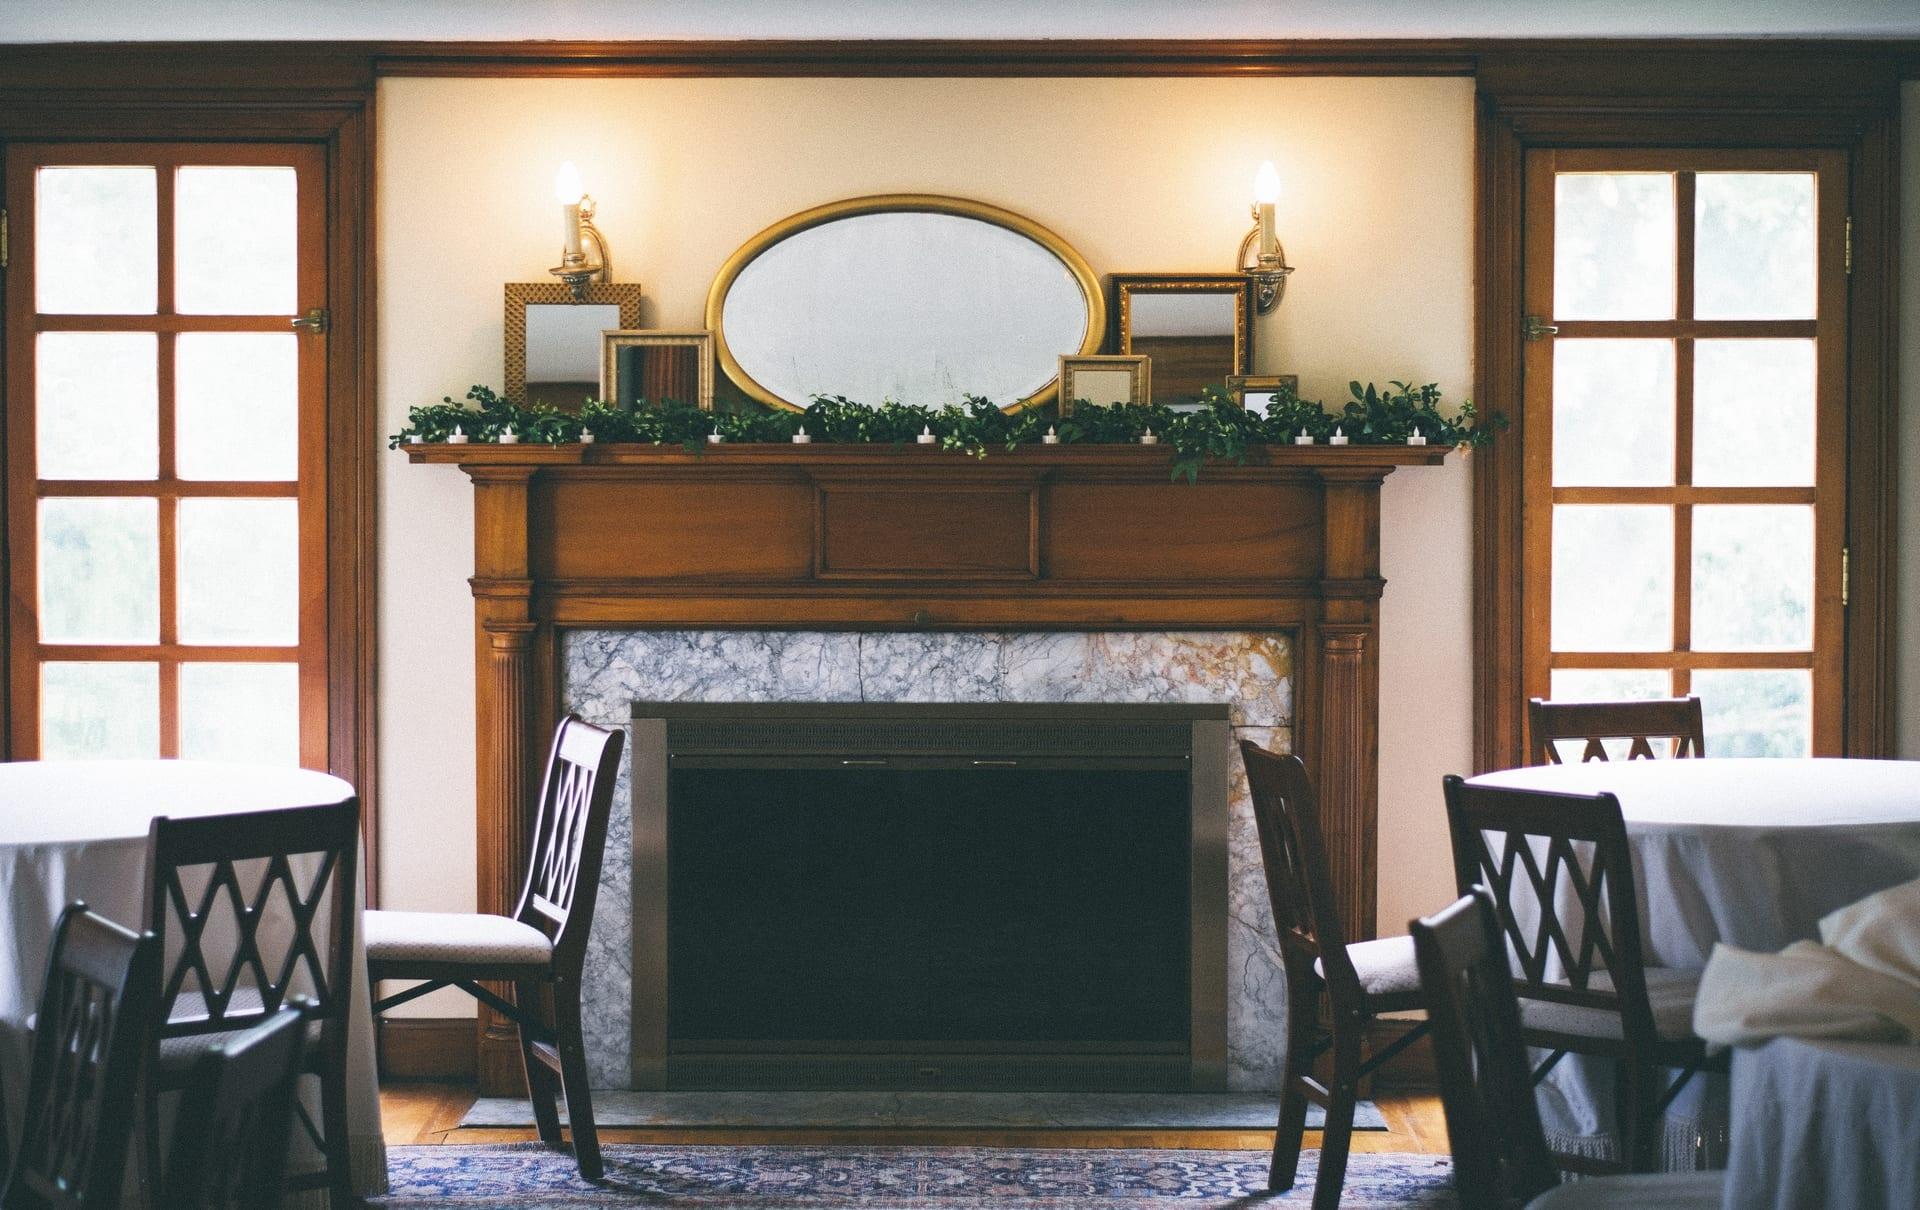 Imagem: Superfícies marmorizadas para uma decoração clássica, elegante e sofisticada. Leirara revestida com mármore Carrara, detalhes em madeira e luminárias douradas.